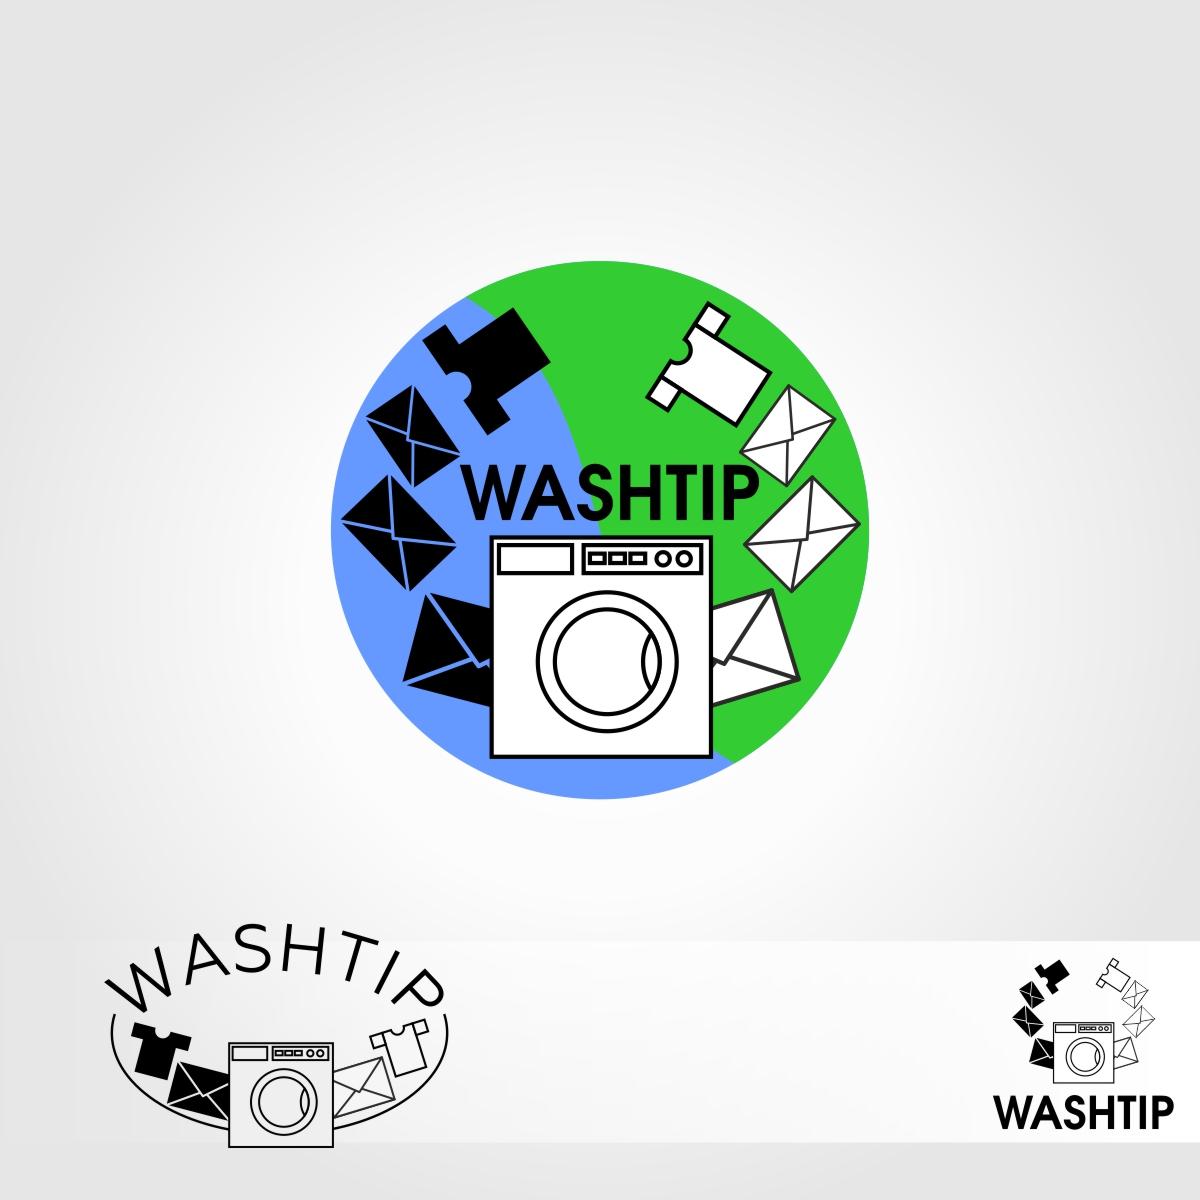 Разработка логотипа для онлайн-сервиса химчистки фото f_6715c0bf583c13ed.jpg